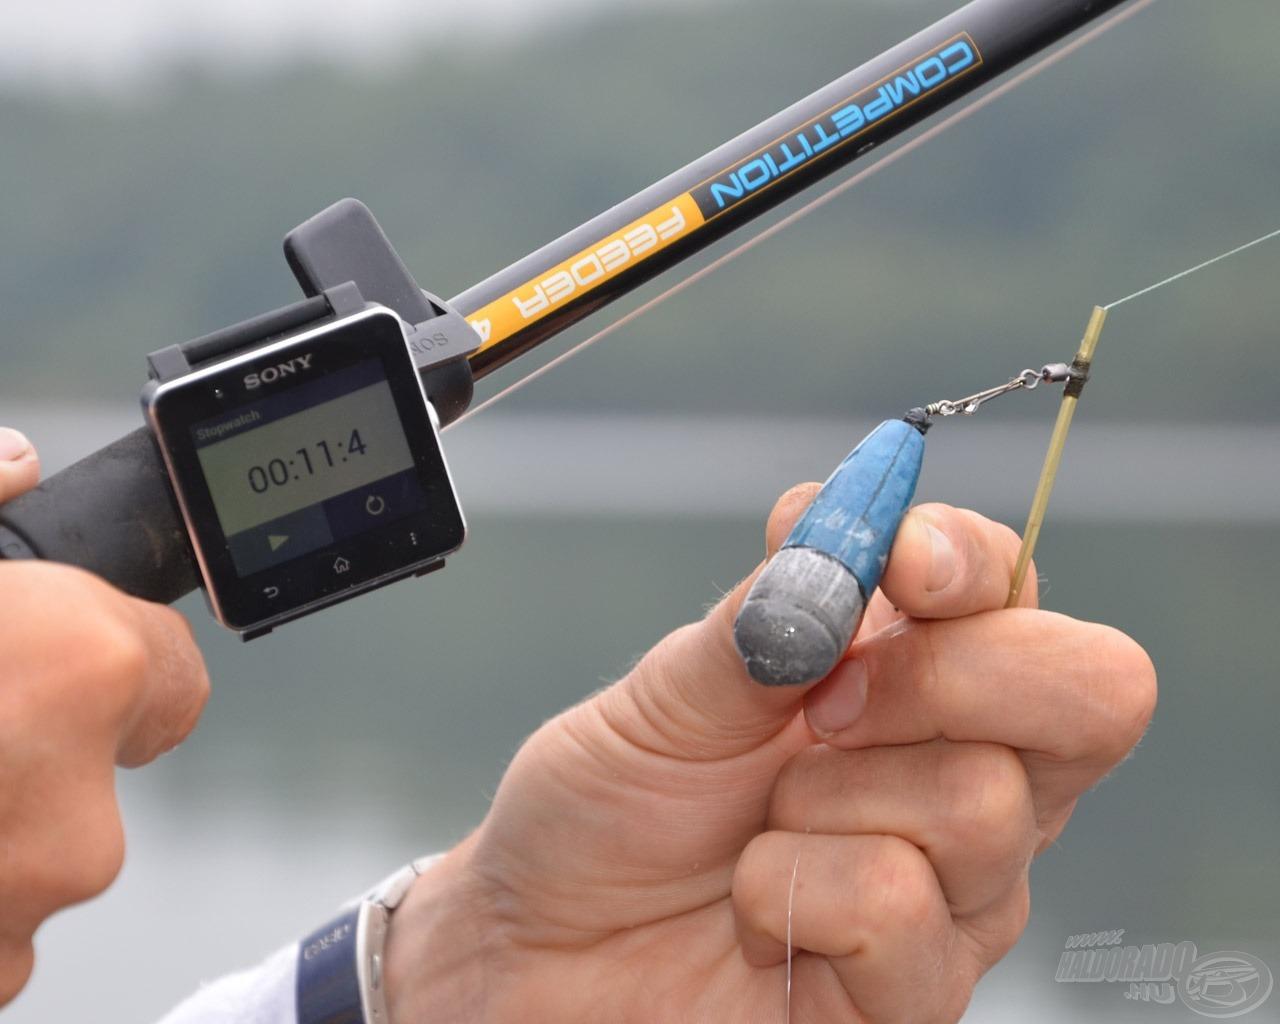 Haldorádó - Cralusso koprodukcióban készült prototípus balanszírozott fenékmérő ólom - 11,4 sec, azaz kb. 11 méter mély víz